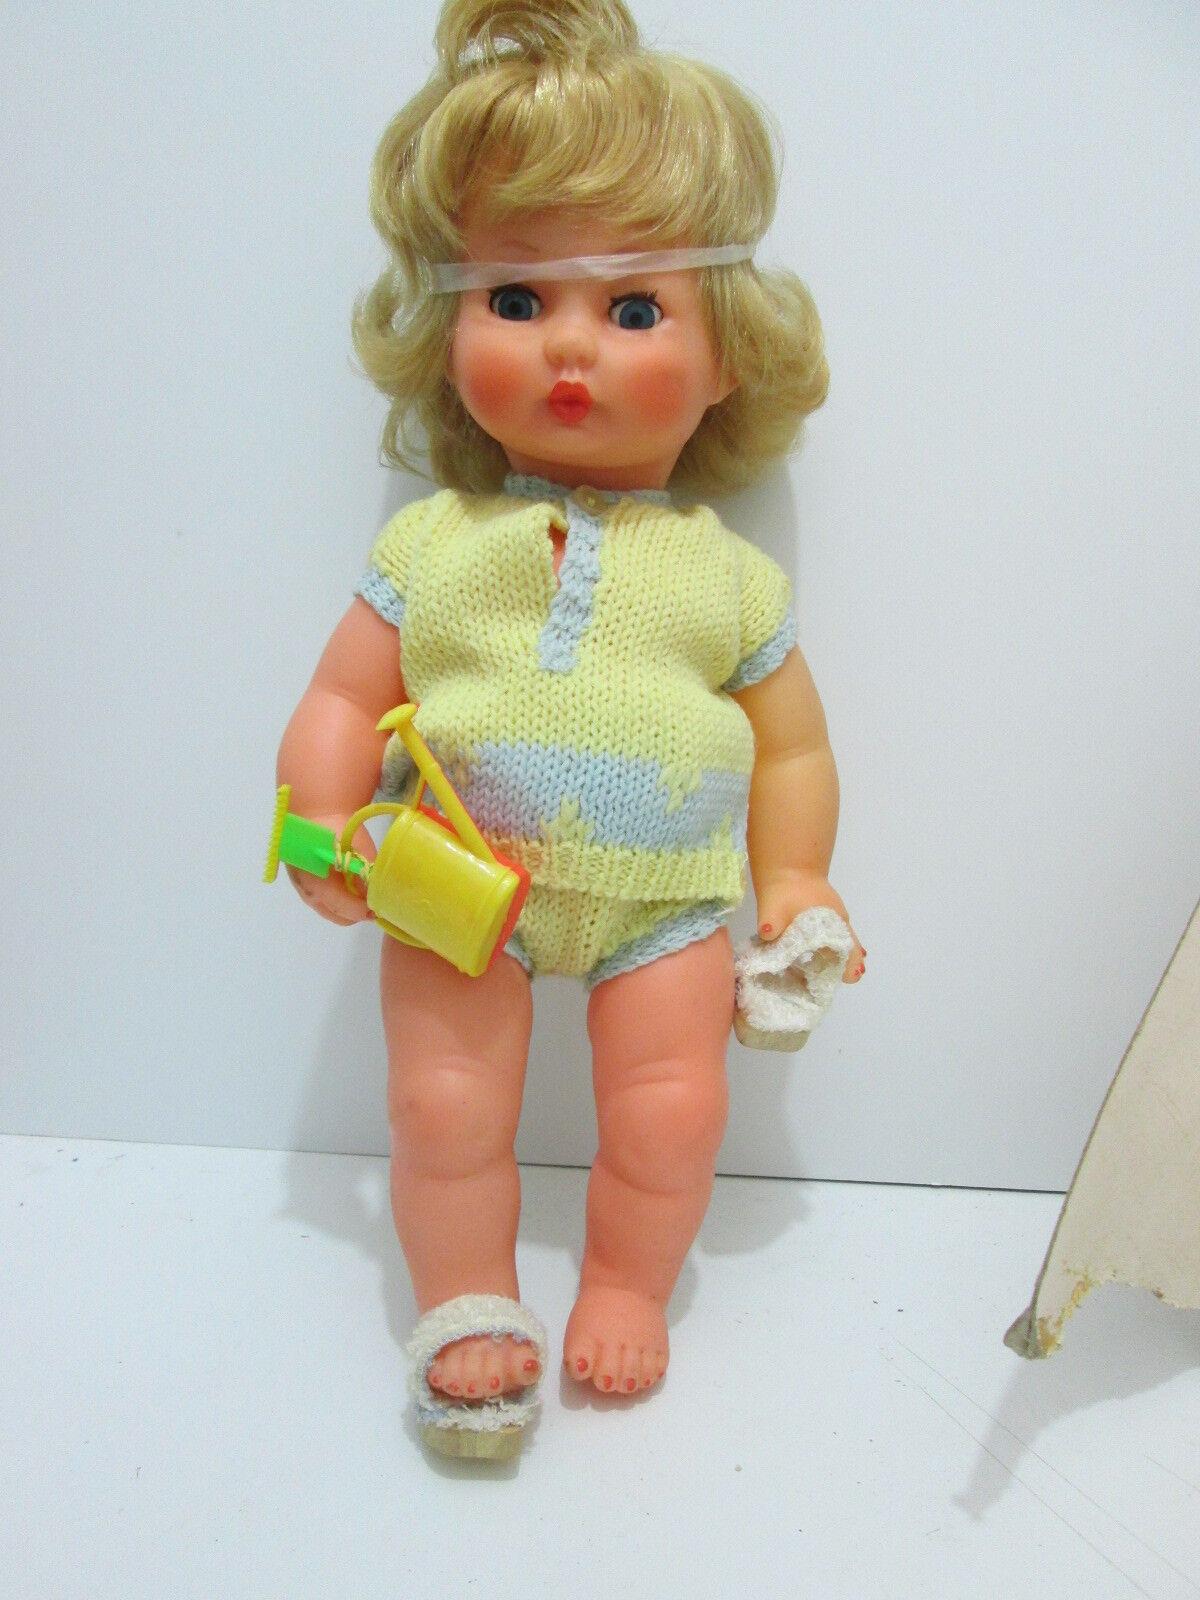 BELLA E RARA BAMBOLA  MIGLIORATI    ANNI '60  35 CM. bambola POUPEE MUNECA  consegna e reso gratuiti